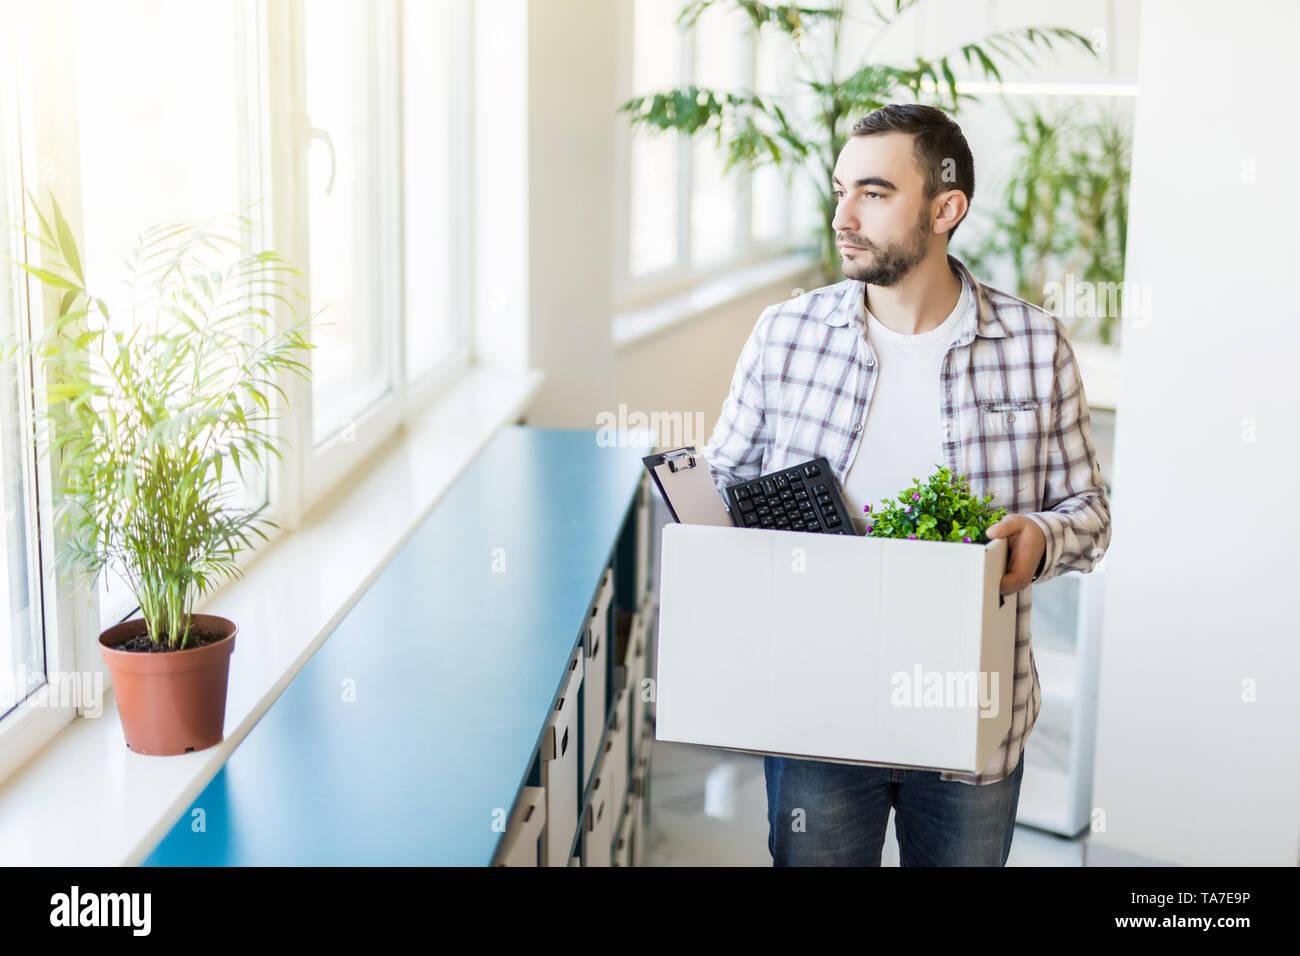 Business, la cottura e la perdita del posto di lavoro concetto - cotto - ufficio maschio lavoratore con box della sua roba personale e del suo triste colleghi Immagini Stock